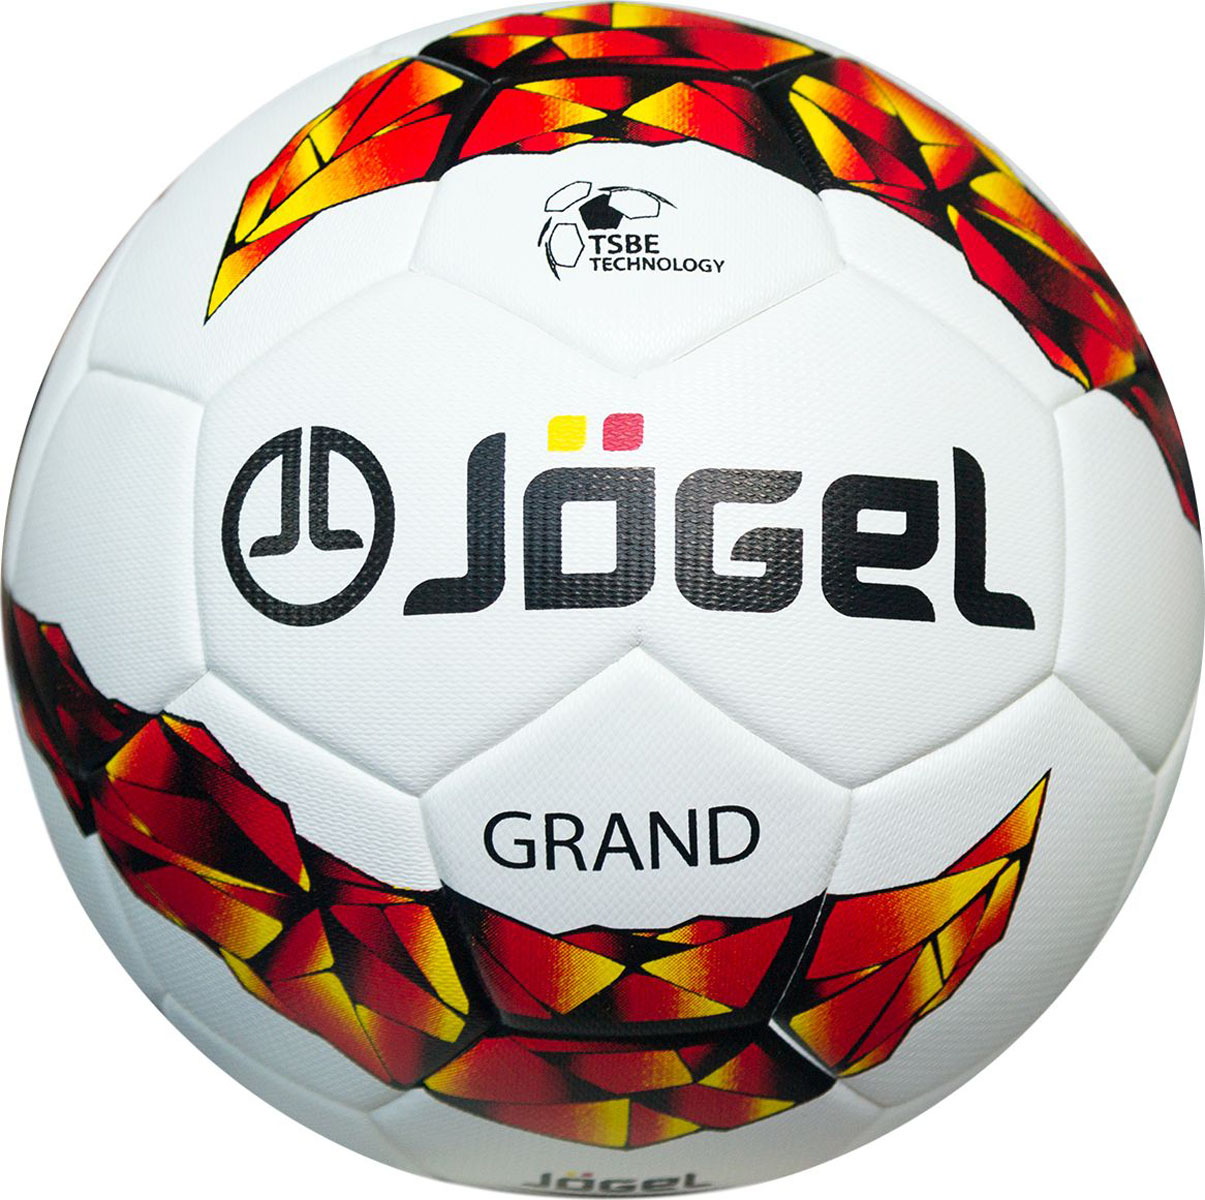 Мяч футбольный Jogel Grand, цвет: белый. Размер 5. JS-1000УТ-00009338Jogel JS-1000 Grand профессиональный футбольный мяч, сделанный по бесшовной технологии термосклеивания (термосшивка). Благодаря этому мяч обладает идеально круглой формой, герметичен и не пропускает влагу во внутрь, а давление в мяче распределяется равномерно.Поверхность мяча выполнена из высококачественной синтетической кожи (полиуретан) толщиной 3.0 мм и обладает текстурной поверхностью, улучшающий контроль мяча при любых погодных условиях. Мяч оснащен бутиловой камерой, армированной синтетической нитью, благодаря чему обеспечивается отличный баланс и долгое сохранение воздуха в камере. Данный мяч поставляется с завода-изготовителя в приспущенном состоянии для безопасной транспортировки и хранения. Рекомендован для тренировок и соревнований команд высокого уровня.Уникальной особенностью, характерной для бренда Jogel, является традиционная конструкция мячей из 30 панелей.